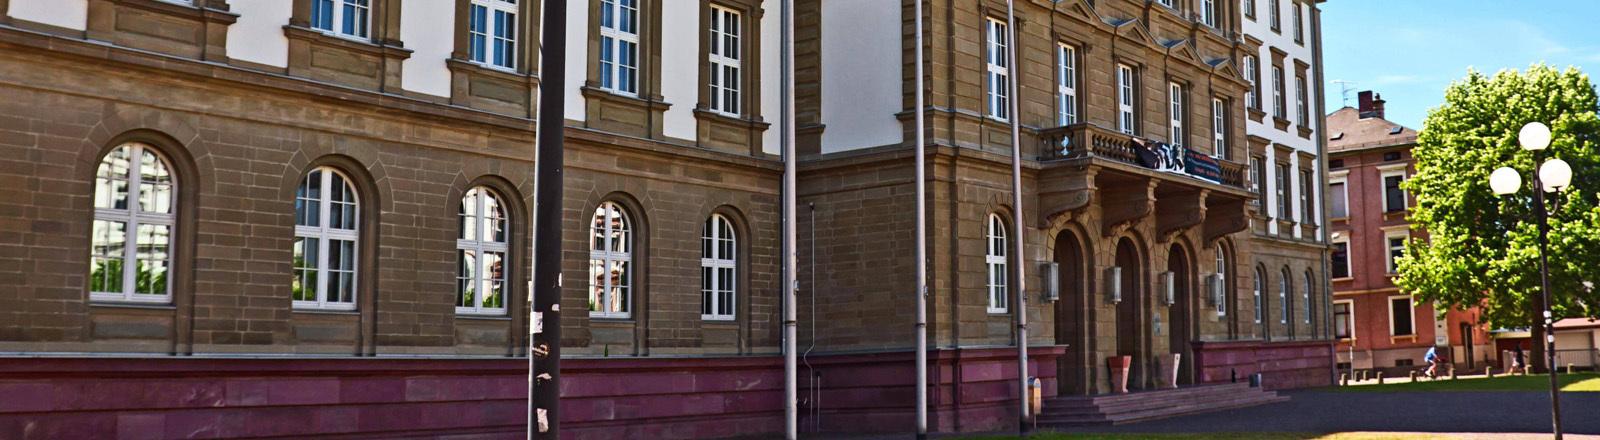 Gebäude am Universitätsplatz der Uni Gießen.